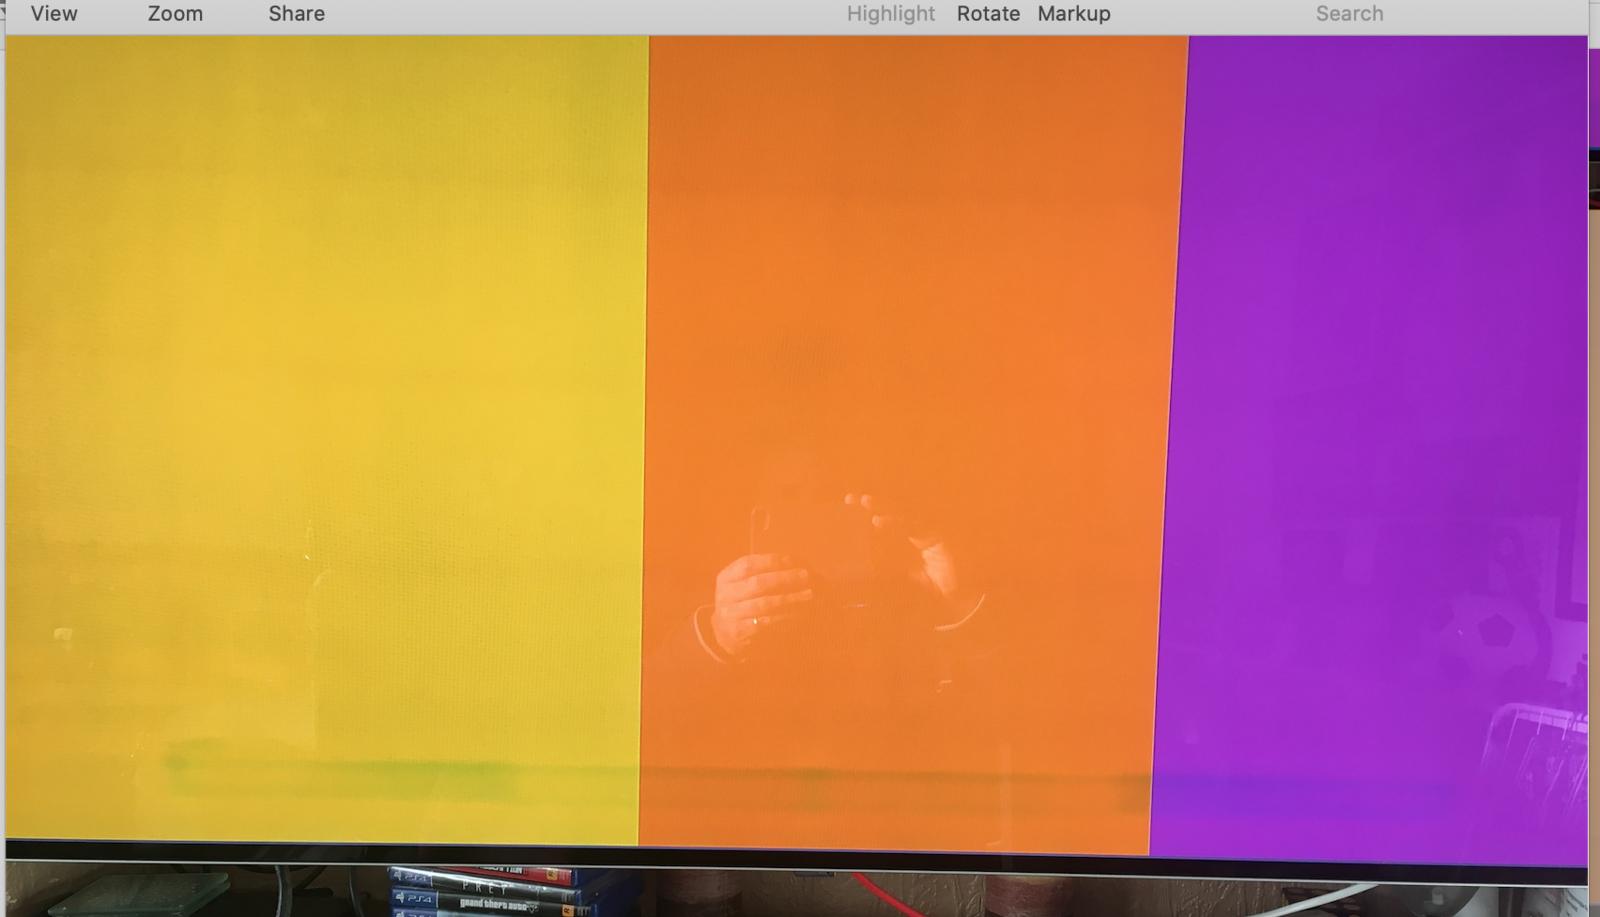 Screenshot 2021-02-20 at 16.01.16.png